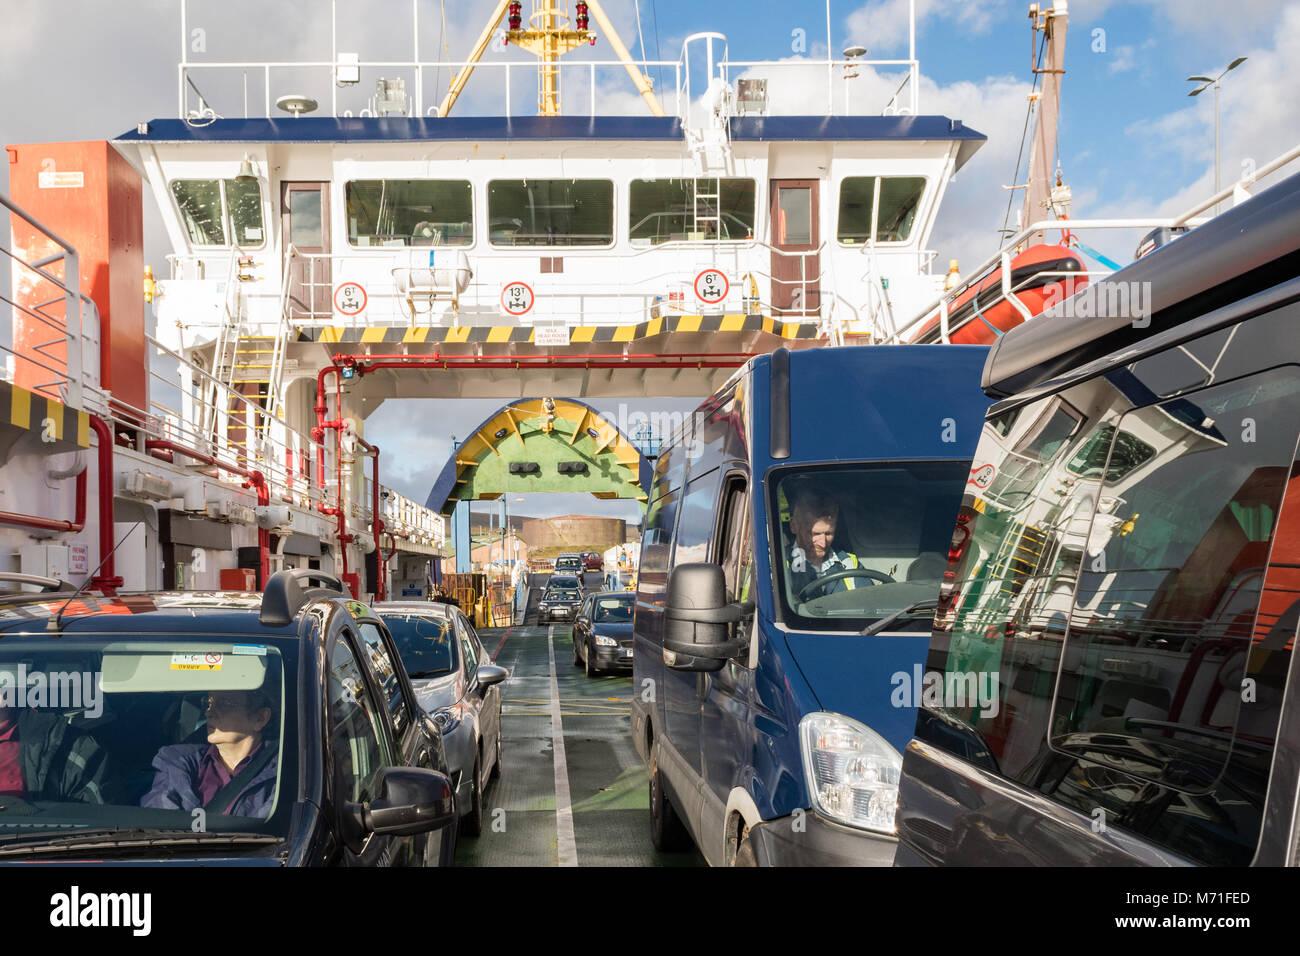 Los vehículos de embarcarse en Orkney Ferries a las Islas Orcadas Lyness Ferry Terminal, hoy, para viajar a Imagen De Stock